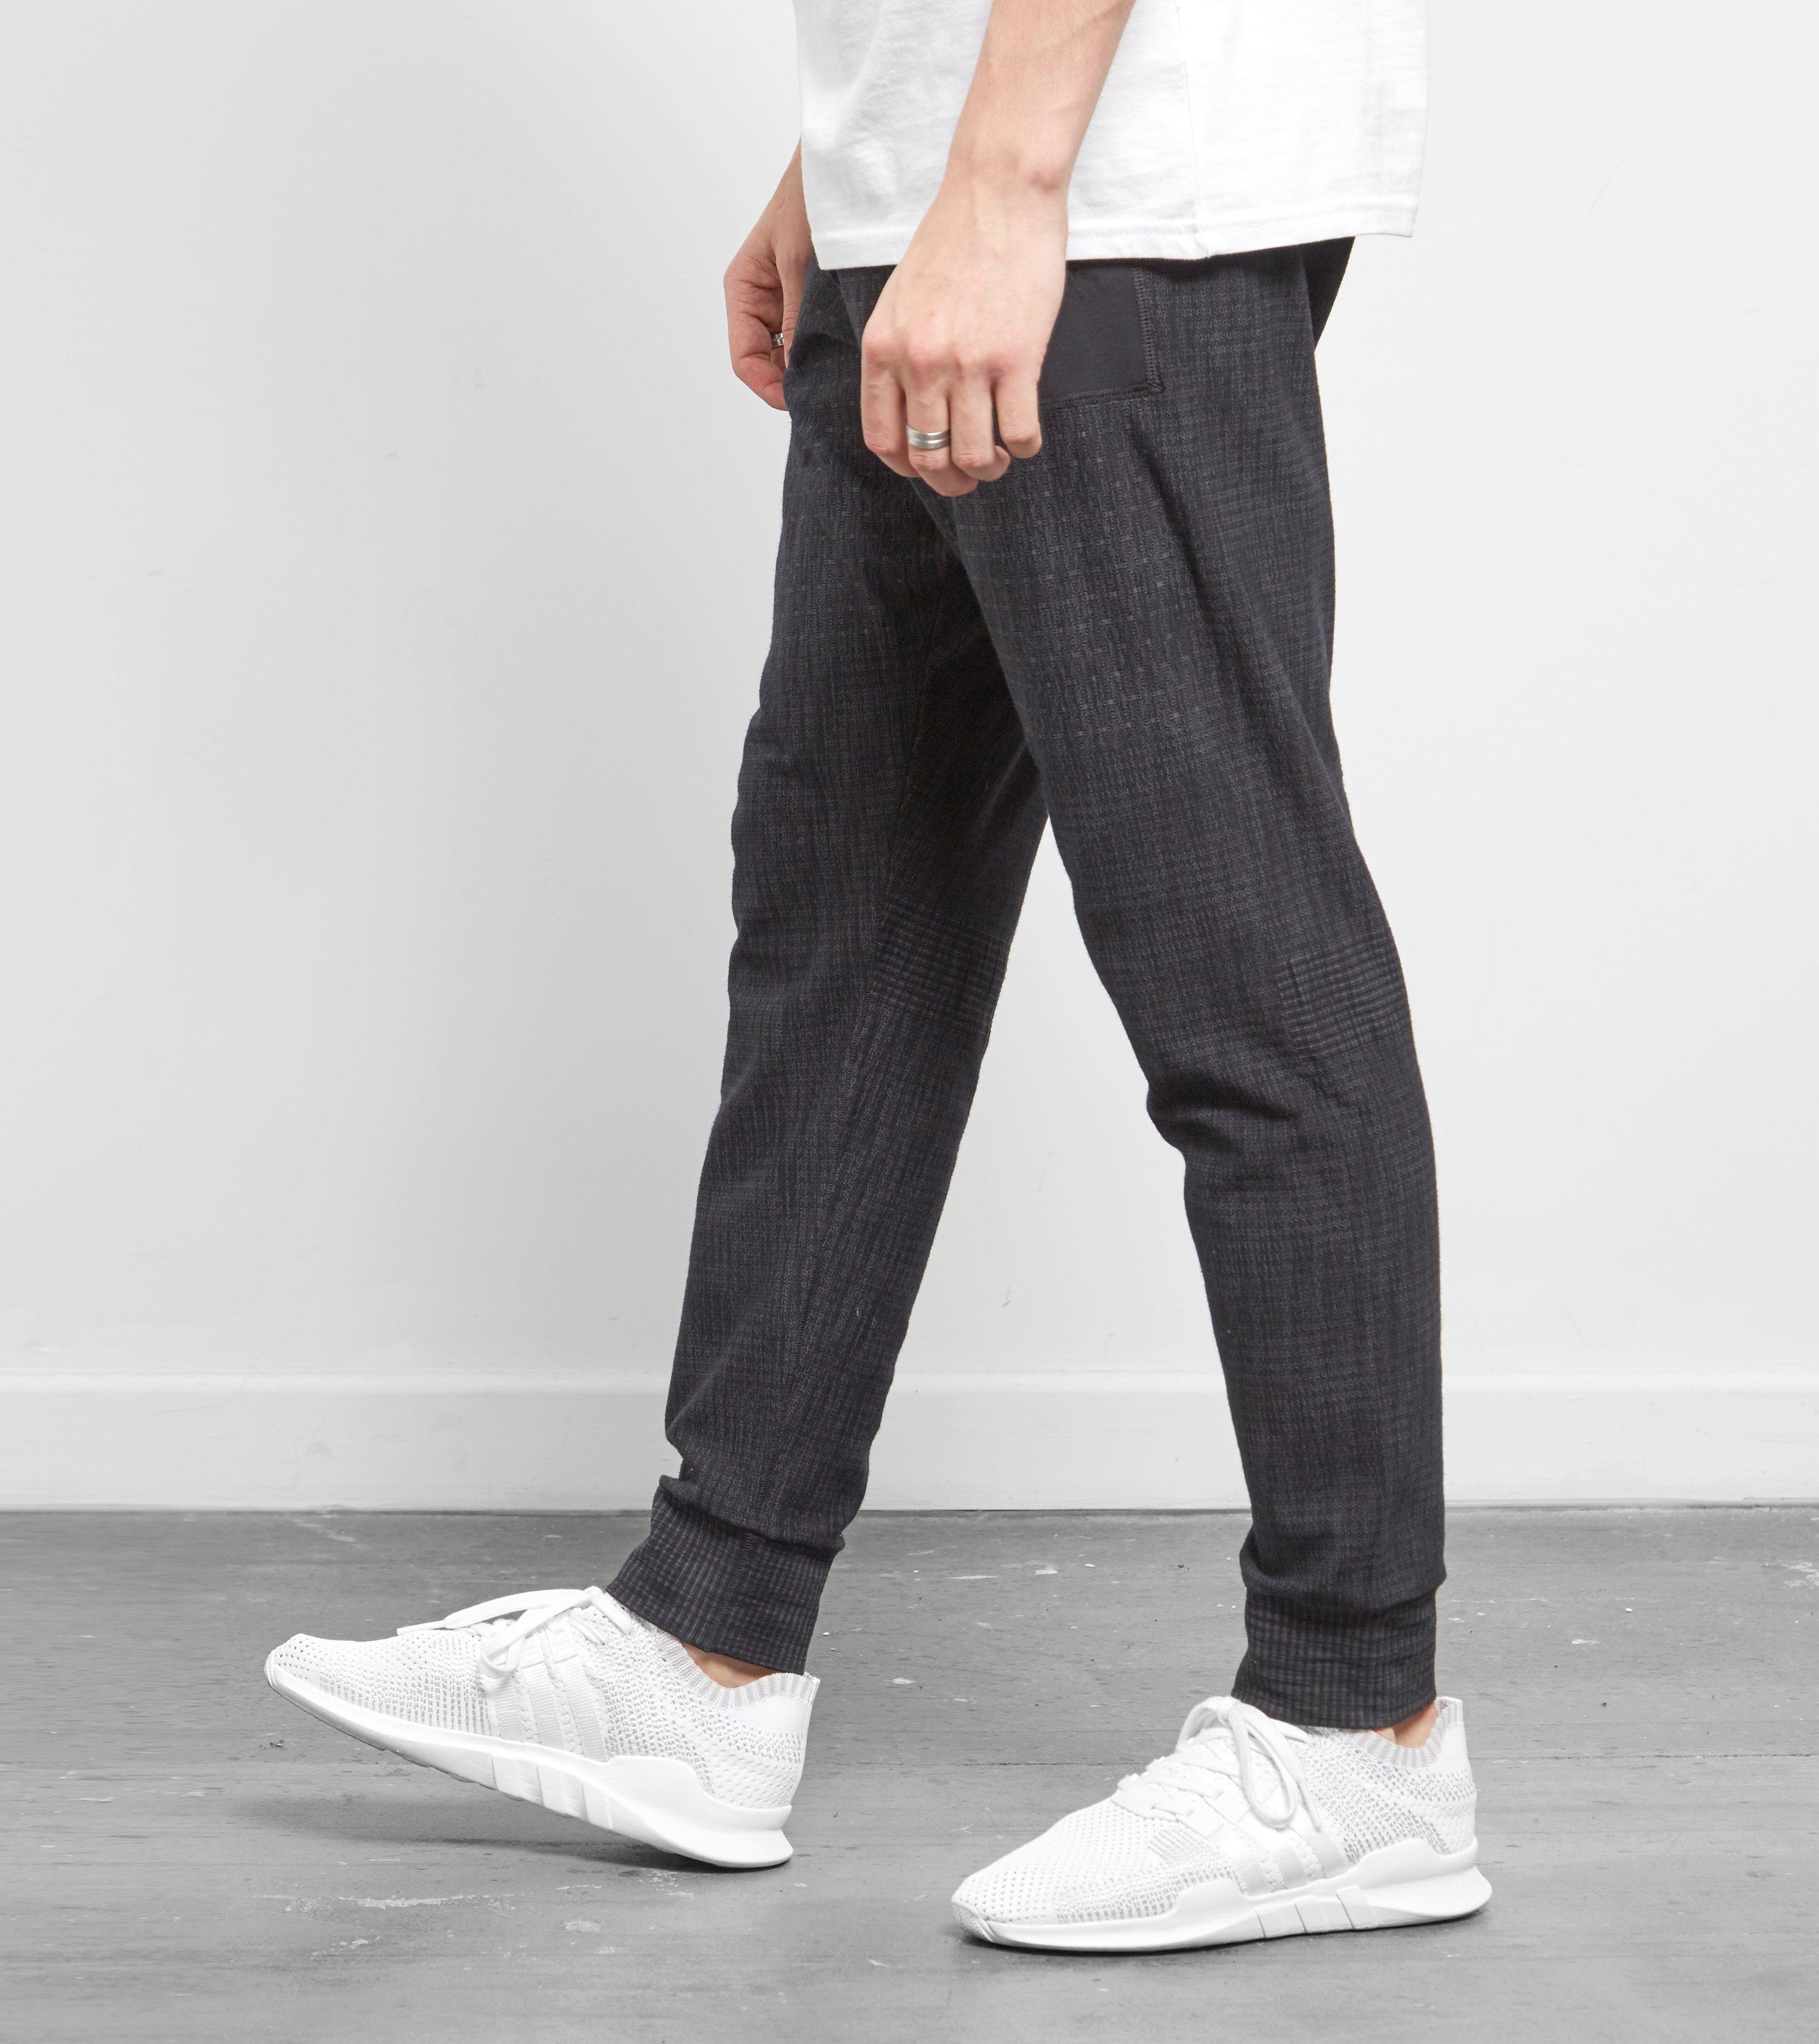 99971098e2964 http   portrait.clickfunnelsmigrations.com nchka-1-noodle Adidas Men ...